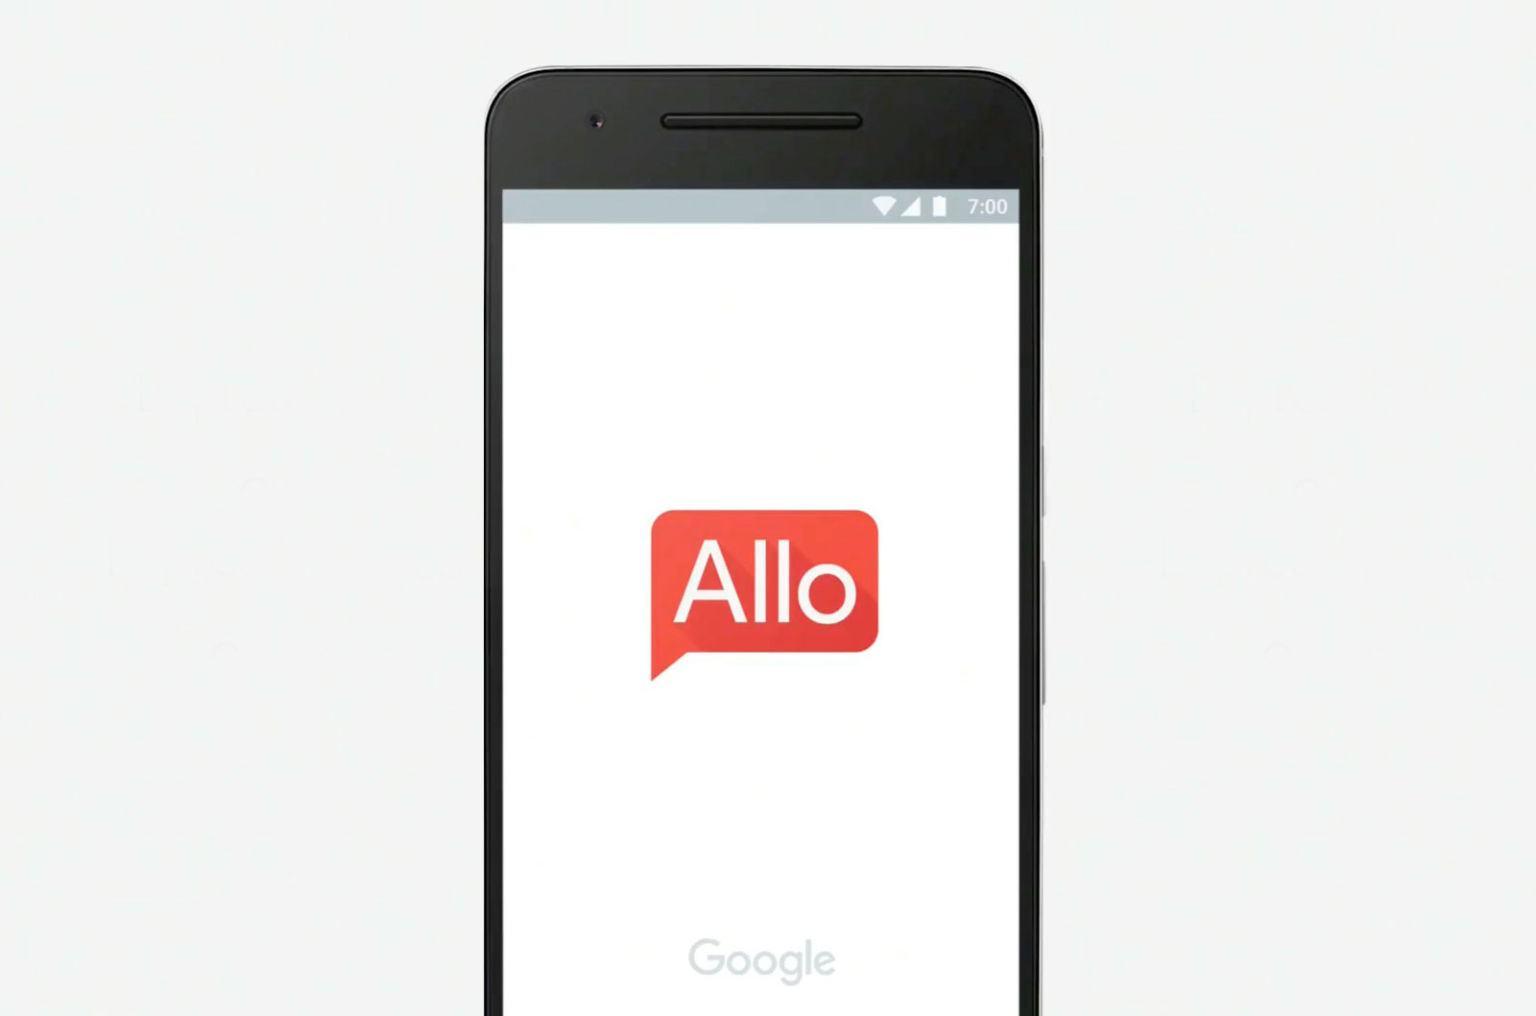 Google Allo ar putea inlocui incet, incet celeleante servicii de mesagerie